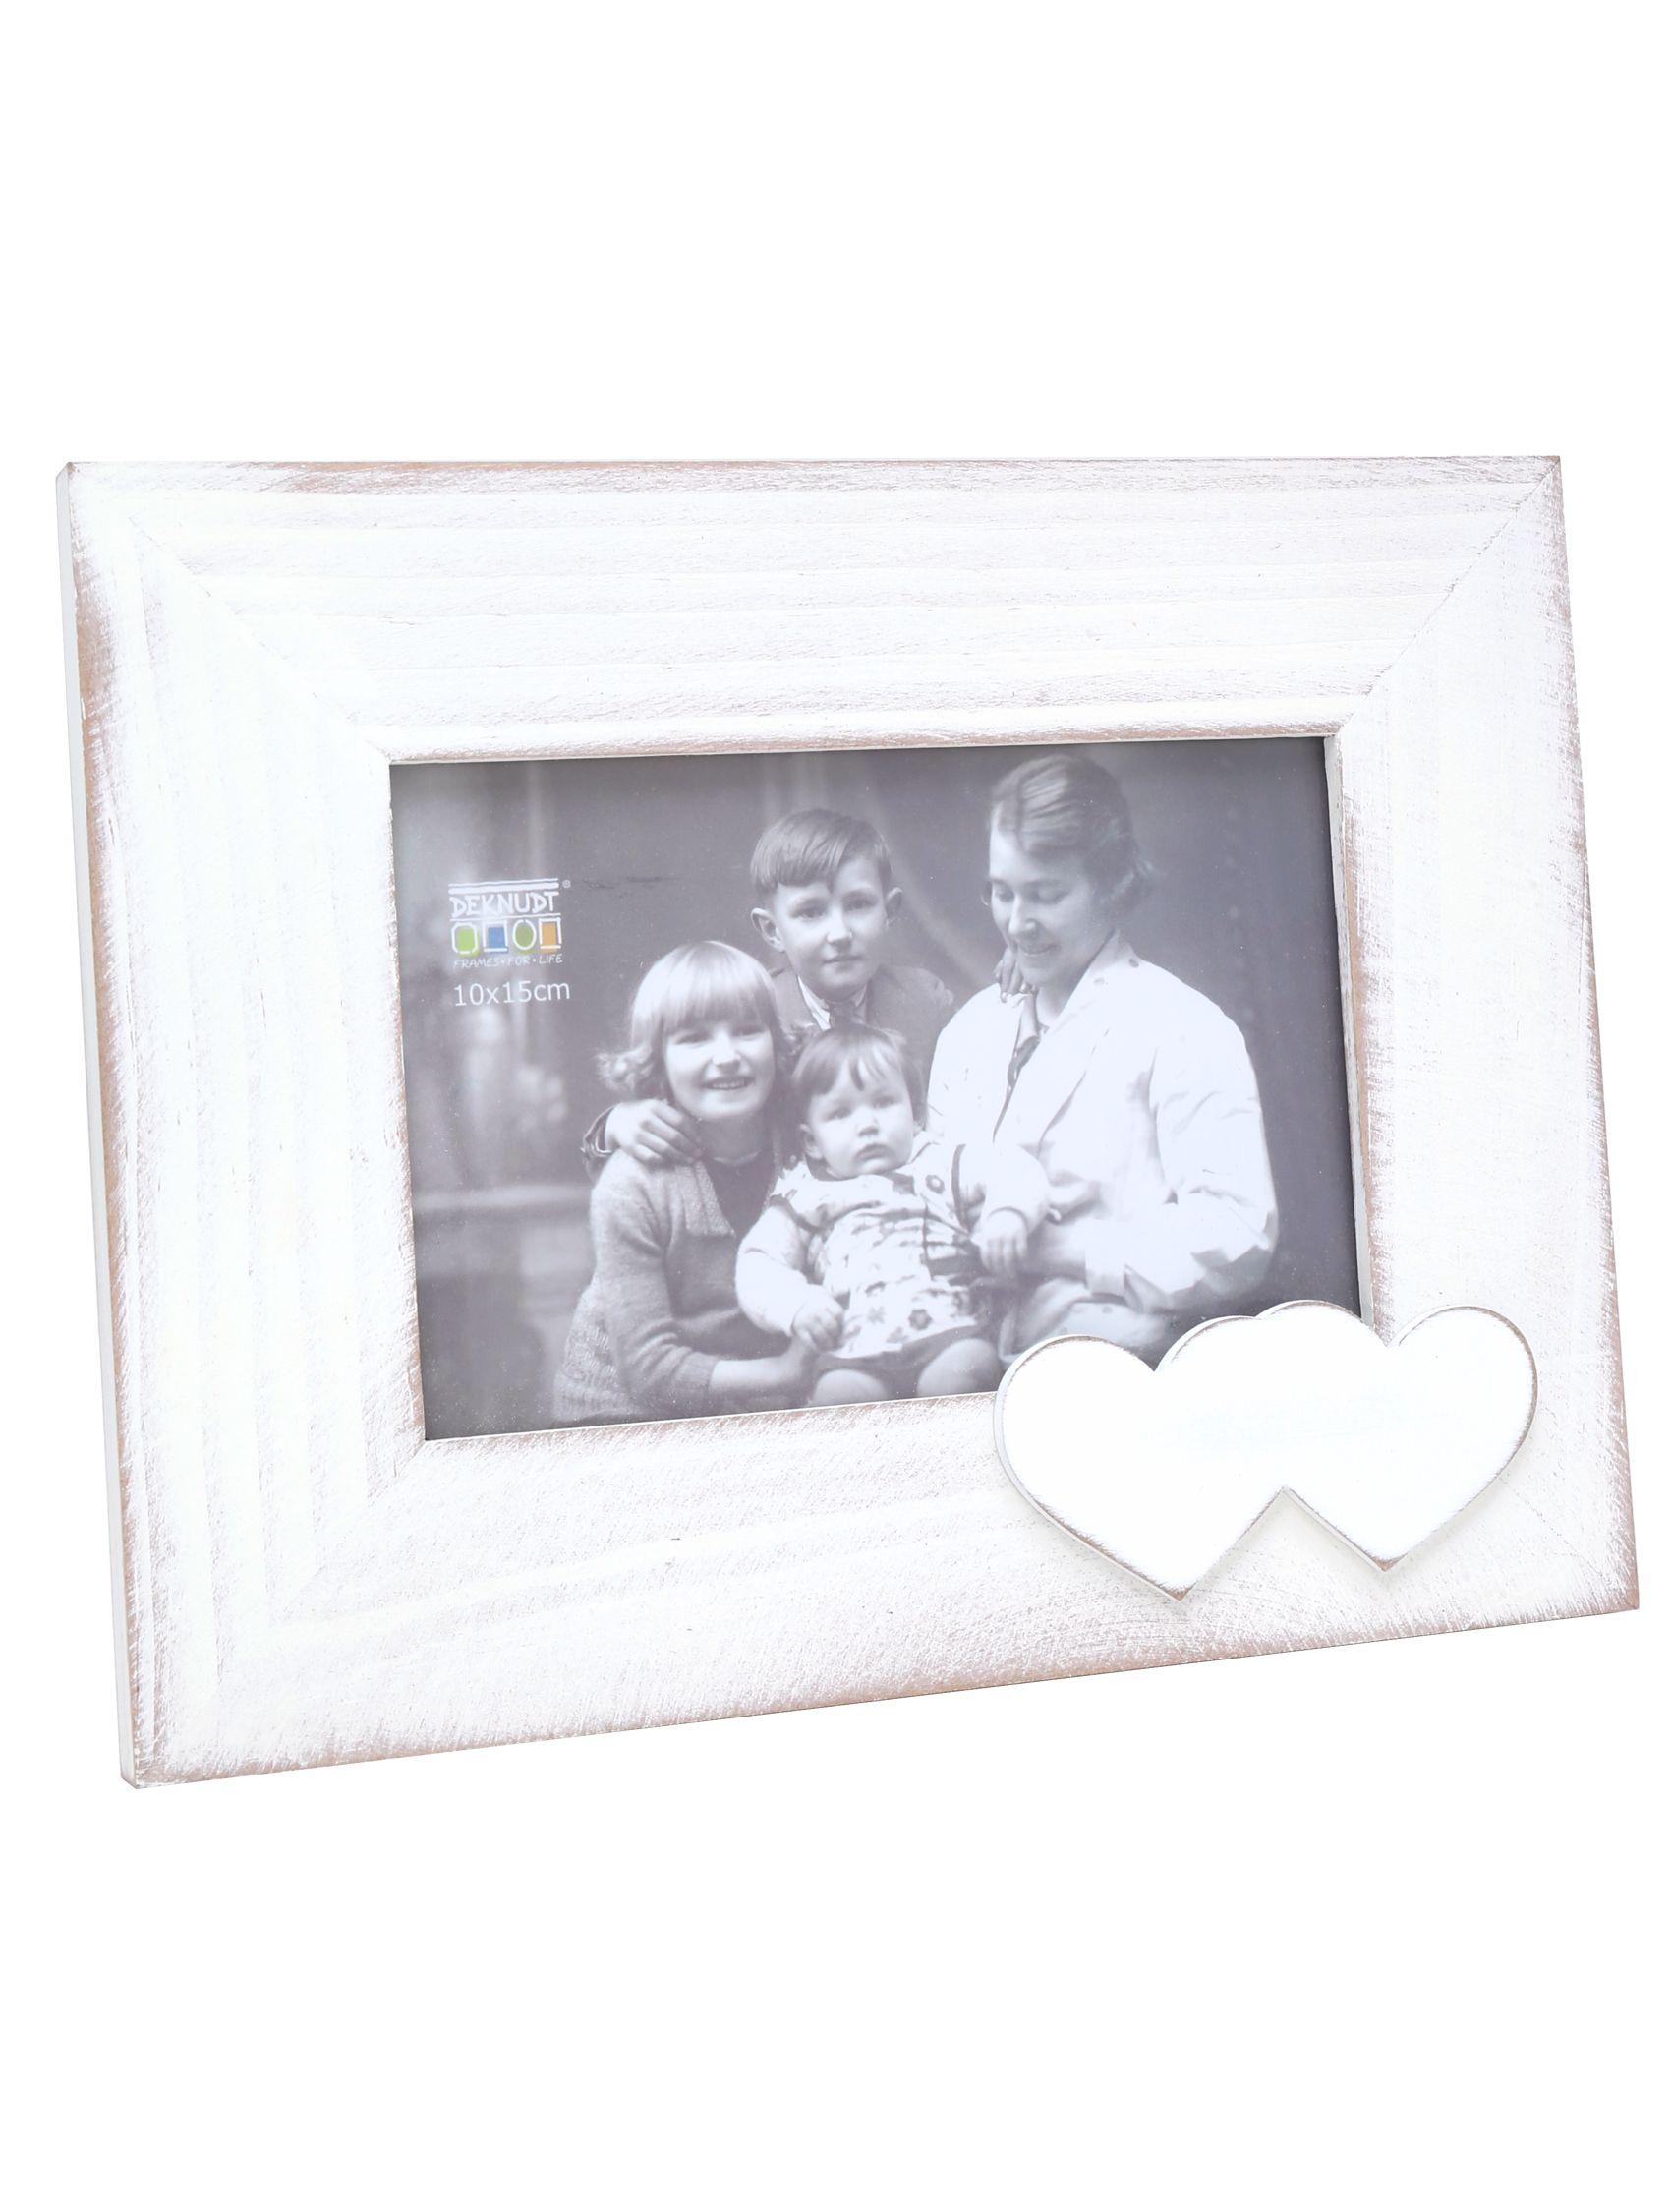 fotokader wit hout met hart S67TR1 H1